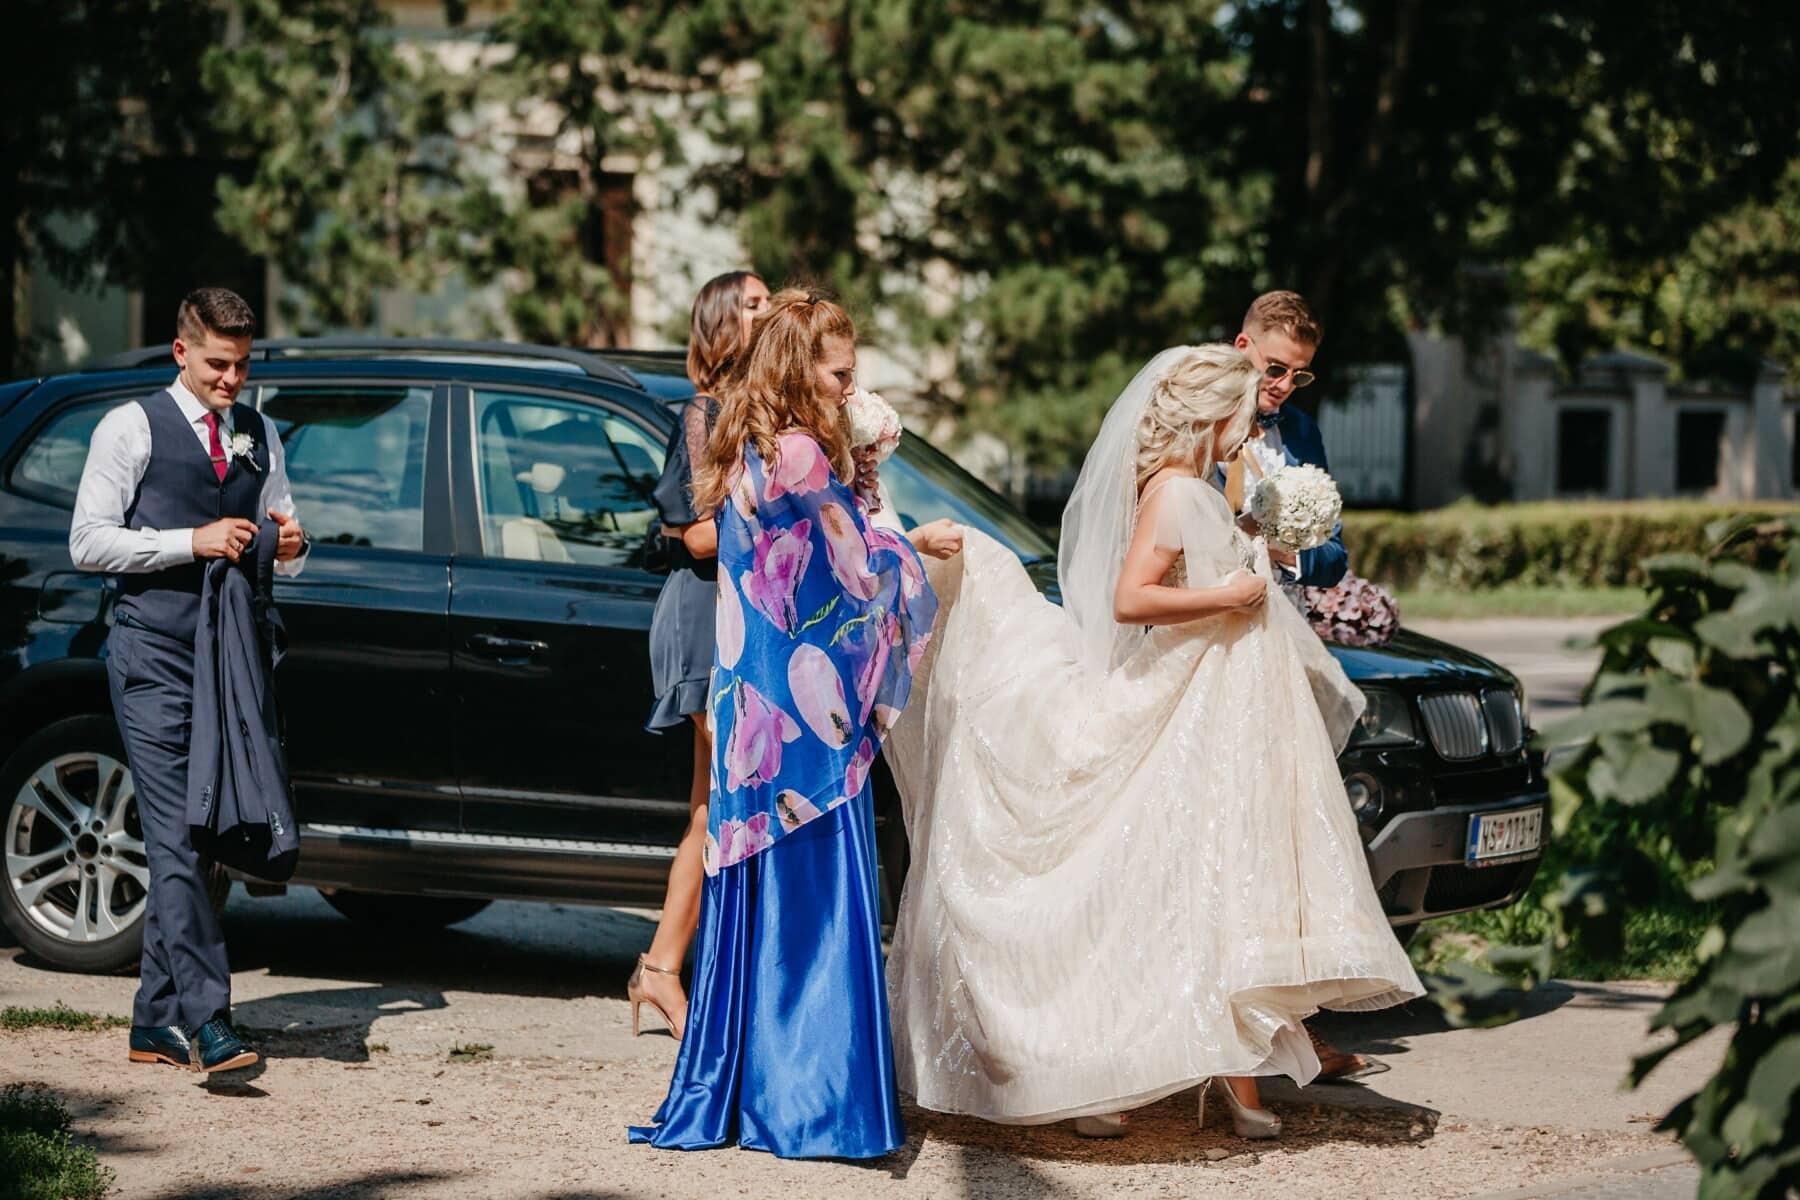 mariage, cérémonie, la mariée, jeune marié, amis, parrain, amitié, femme, gens, robe